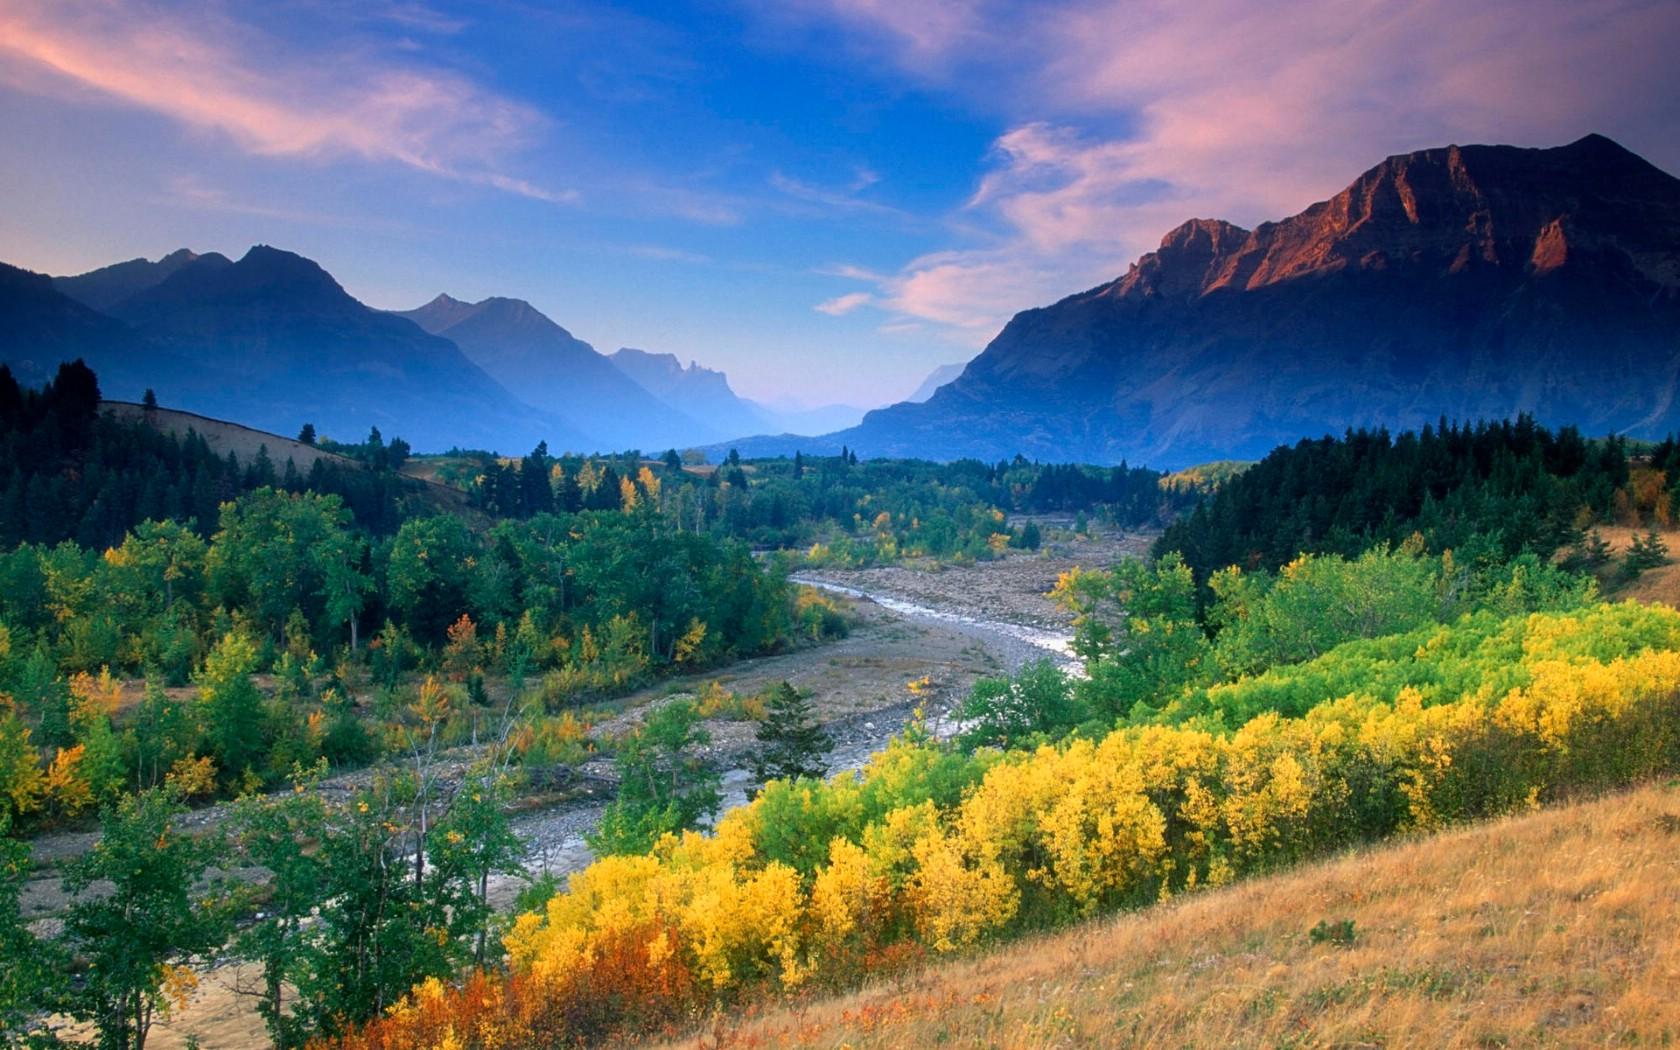 壁纸1680×1050加拿大风光风景宽屏壁纸 壁纸3壁纸 加拿大风光风景宽屏壁壁纸图片风景壁纸风景图片素材桌面壁纸